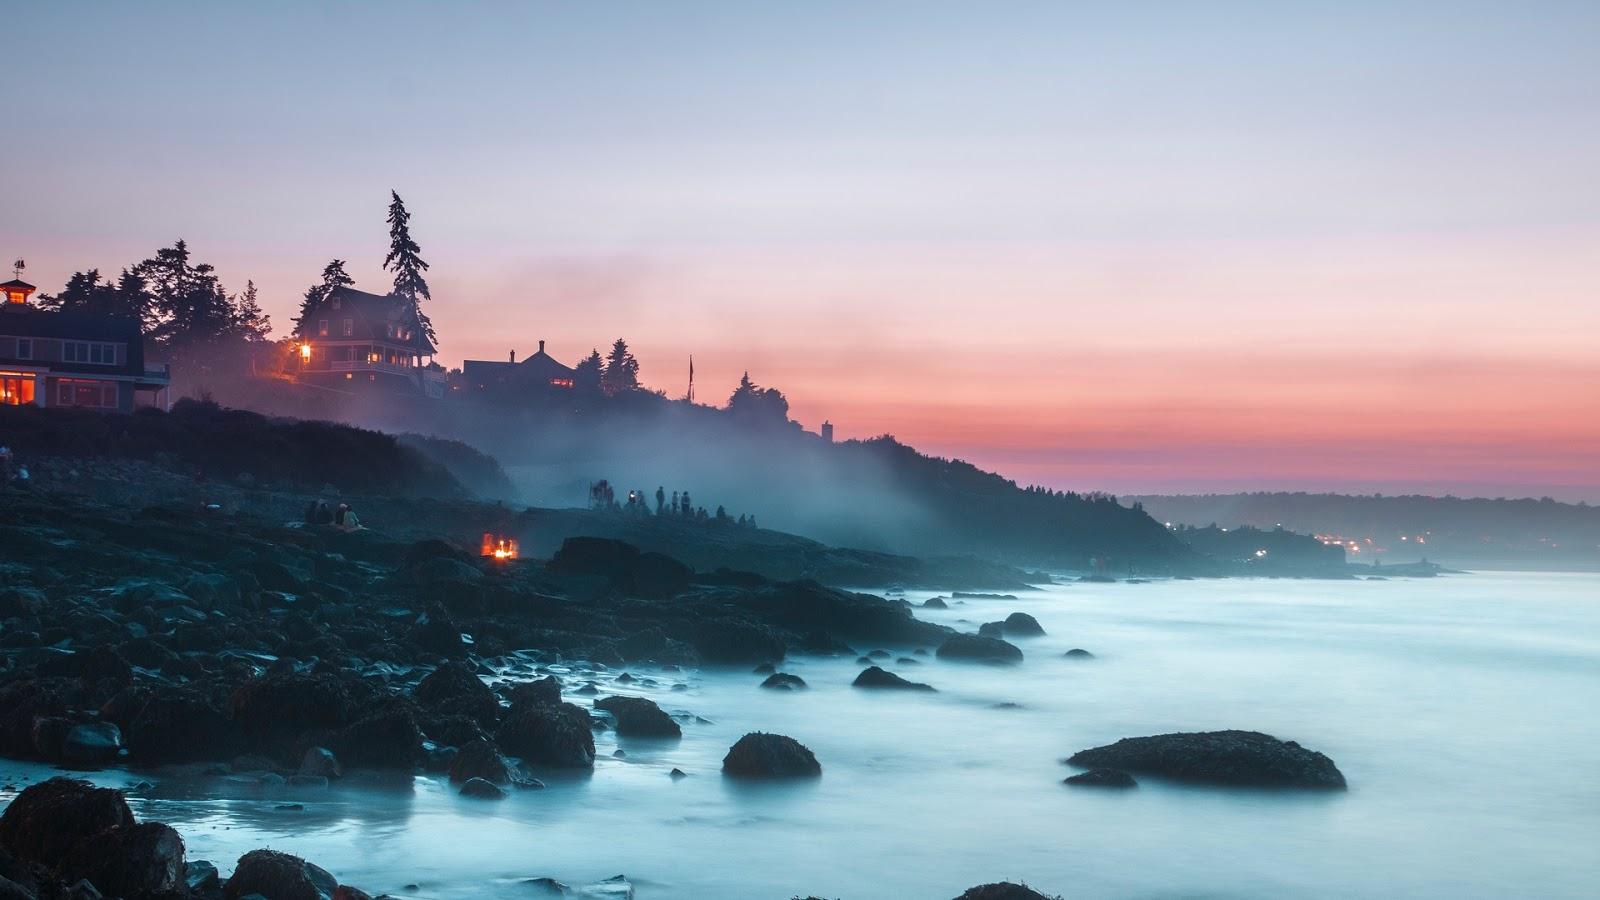 Top 20 Hình Nền Máy Tính Phong Cảnh Thiên Nhiên Hùng Vĩ